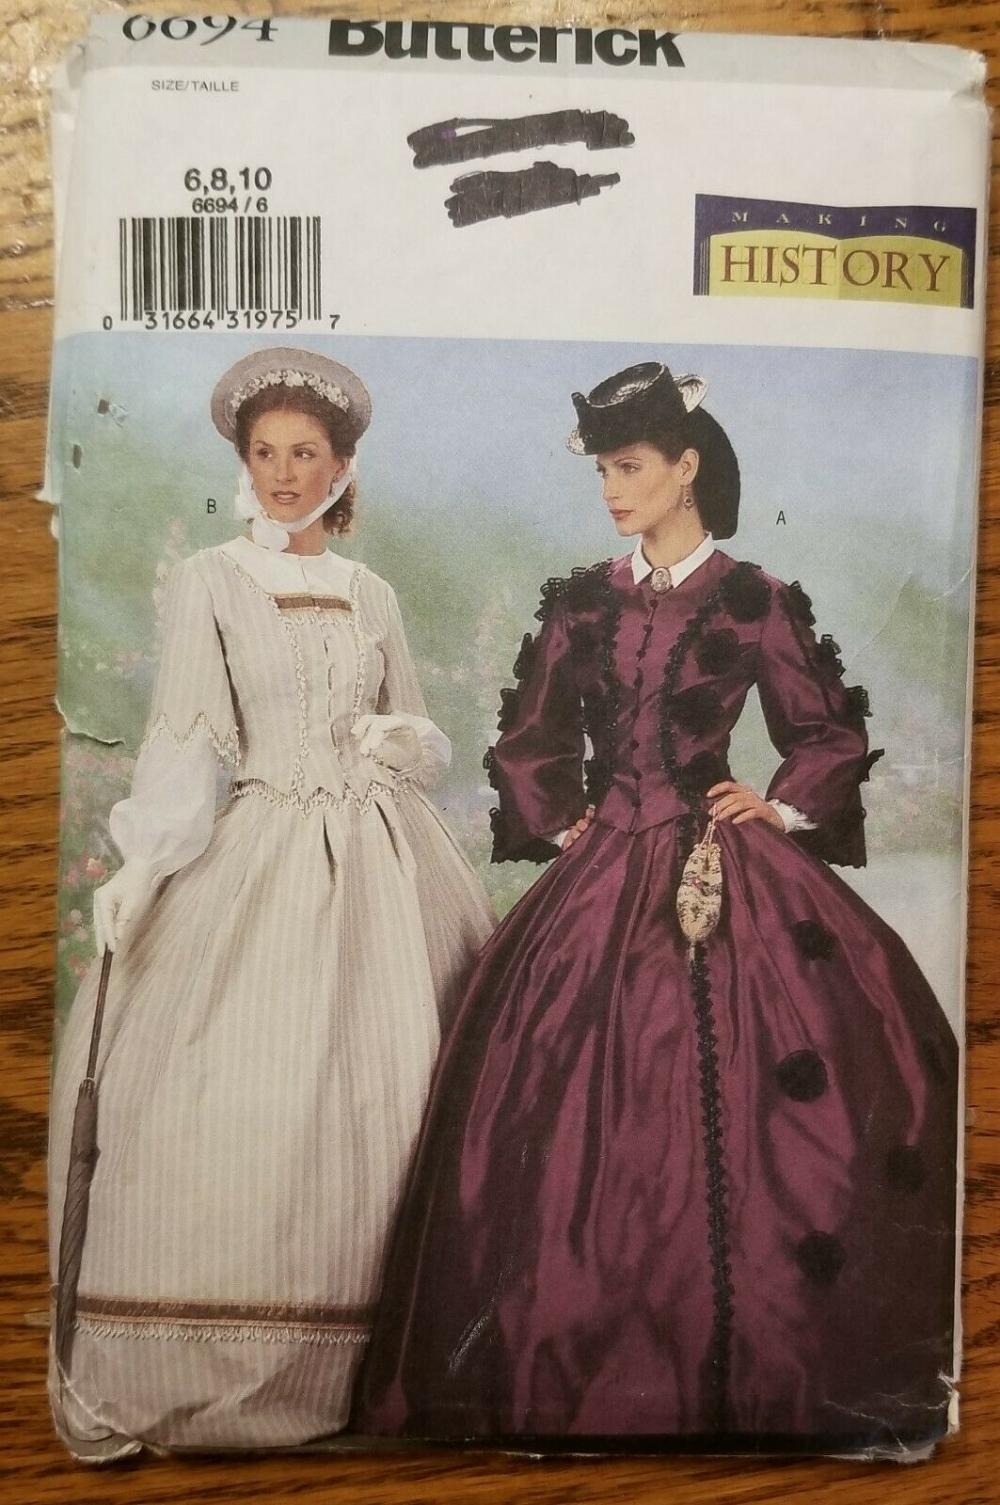 Details about Butterick Pattern 6694 1800s CIVIL WAR SCARLETT DRESS UNCUT 6, 8, 10 Victorian #dressesfromthesouthernbelleera